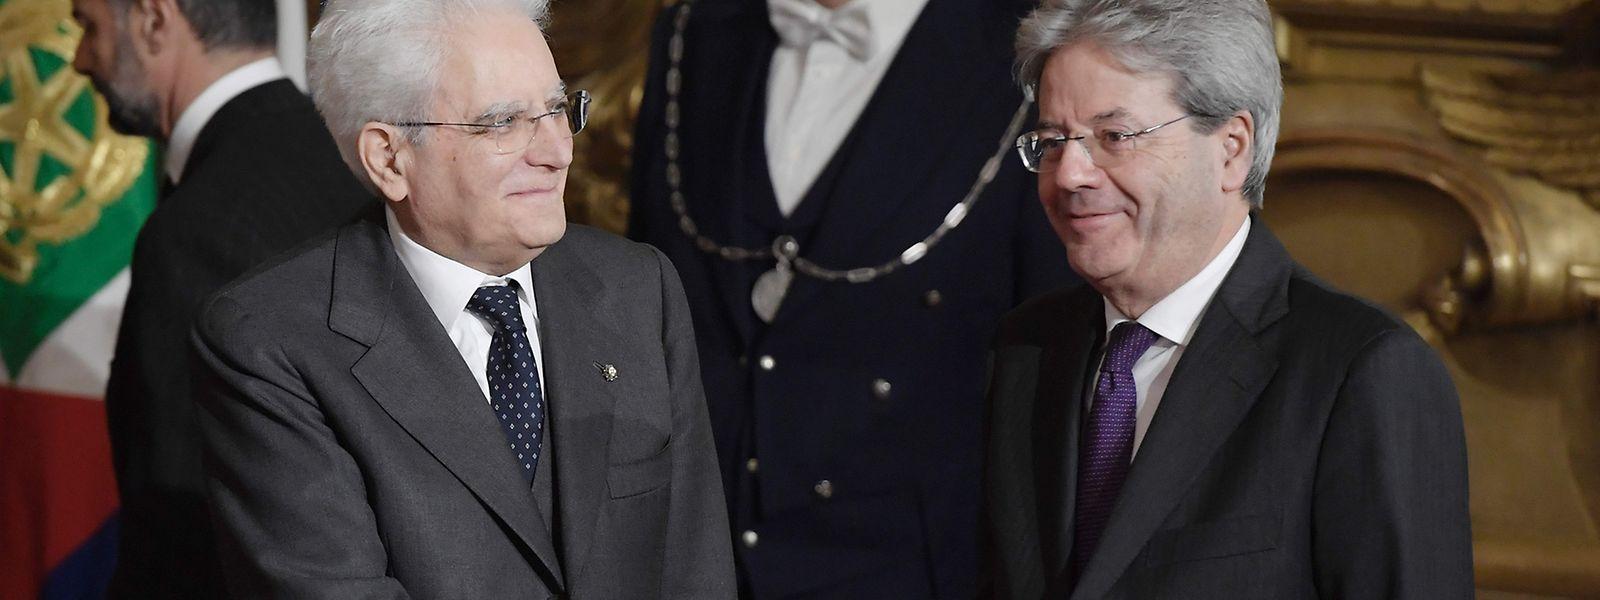 Präsident Sergio Mattarella (l.) gratuliert dem neuen Premier Paolo Gentiloni nach dessen Vereidigung.